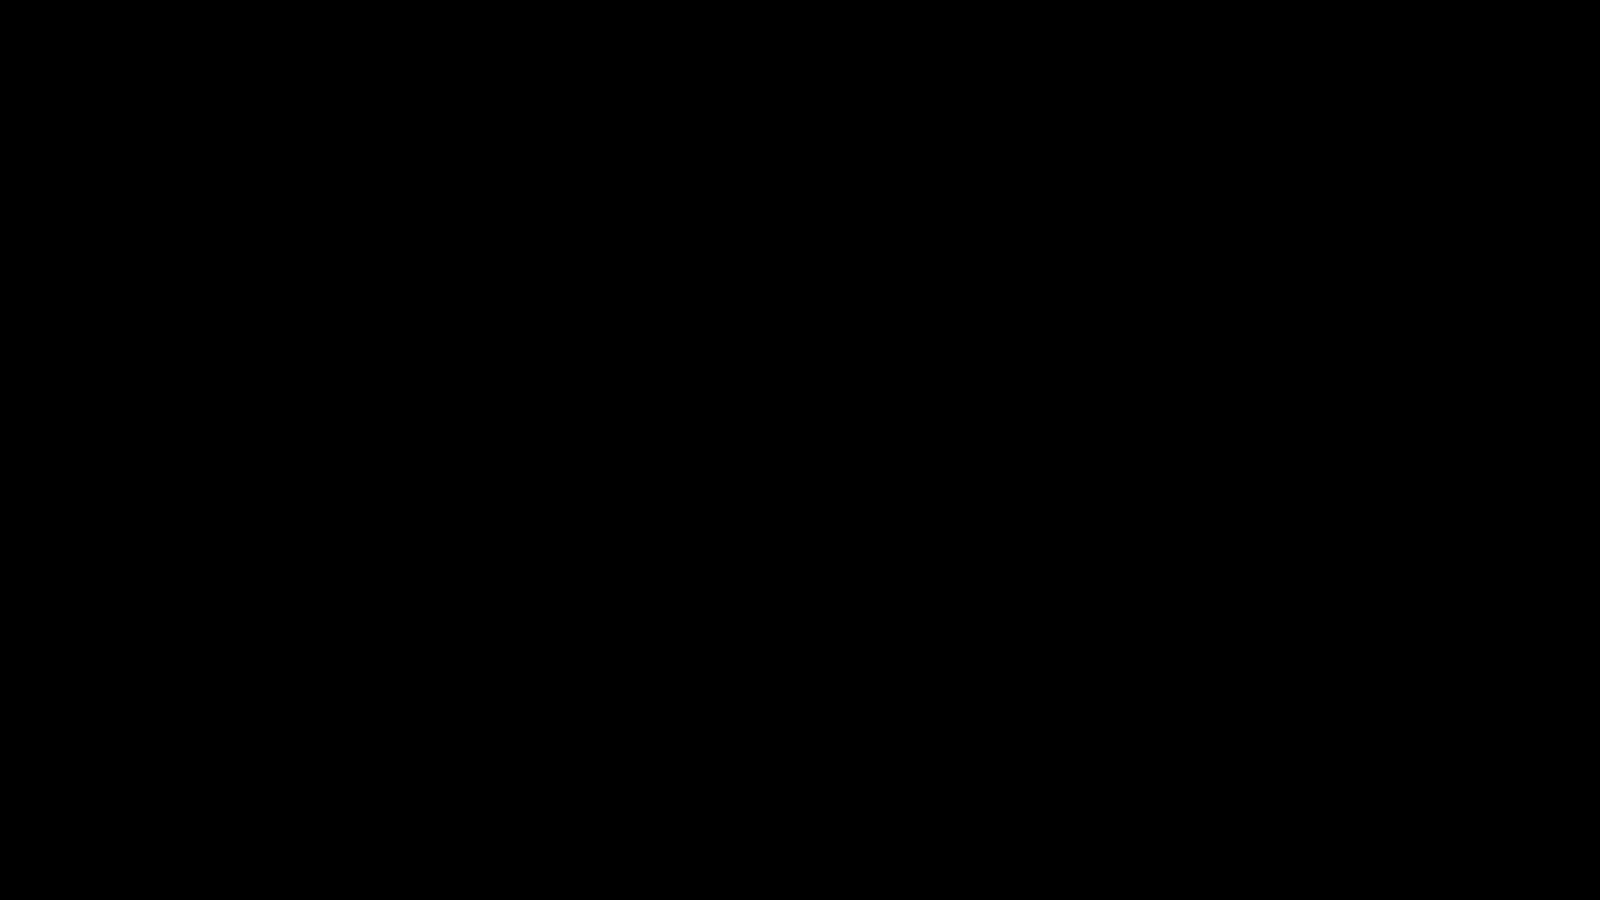 La team SportRIZER en session wakeboard au Ty Taz Wakepark de Quimper pour un afterwork 100% sportif 👌 Choisir entre téléski avec ou sans module, c'est le top ! Ce qu'on aime ? Avoir les conseils d'un pro du wakeboard à chaque passage.   Retrouvez les activités de Ty Taz Wakepark ici 👉 https://bit.ly/32O3iwM Toutes nos astuces sur 👉 https://bit.ly/3gP9Ekw Vous aimez ? Abonnez-vous à notre chaîne 👉 http://bit.ly/308rmZp